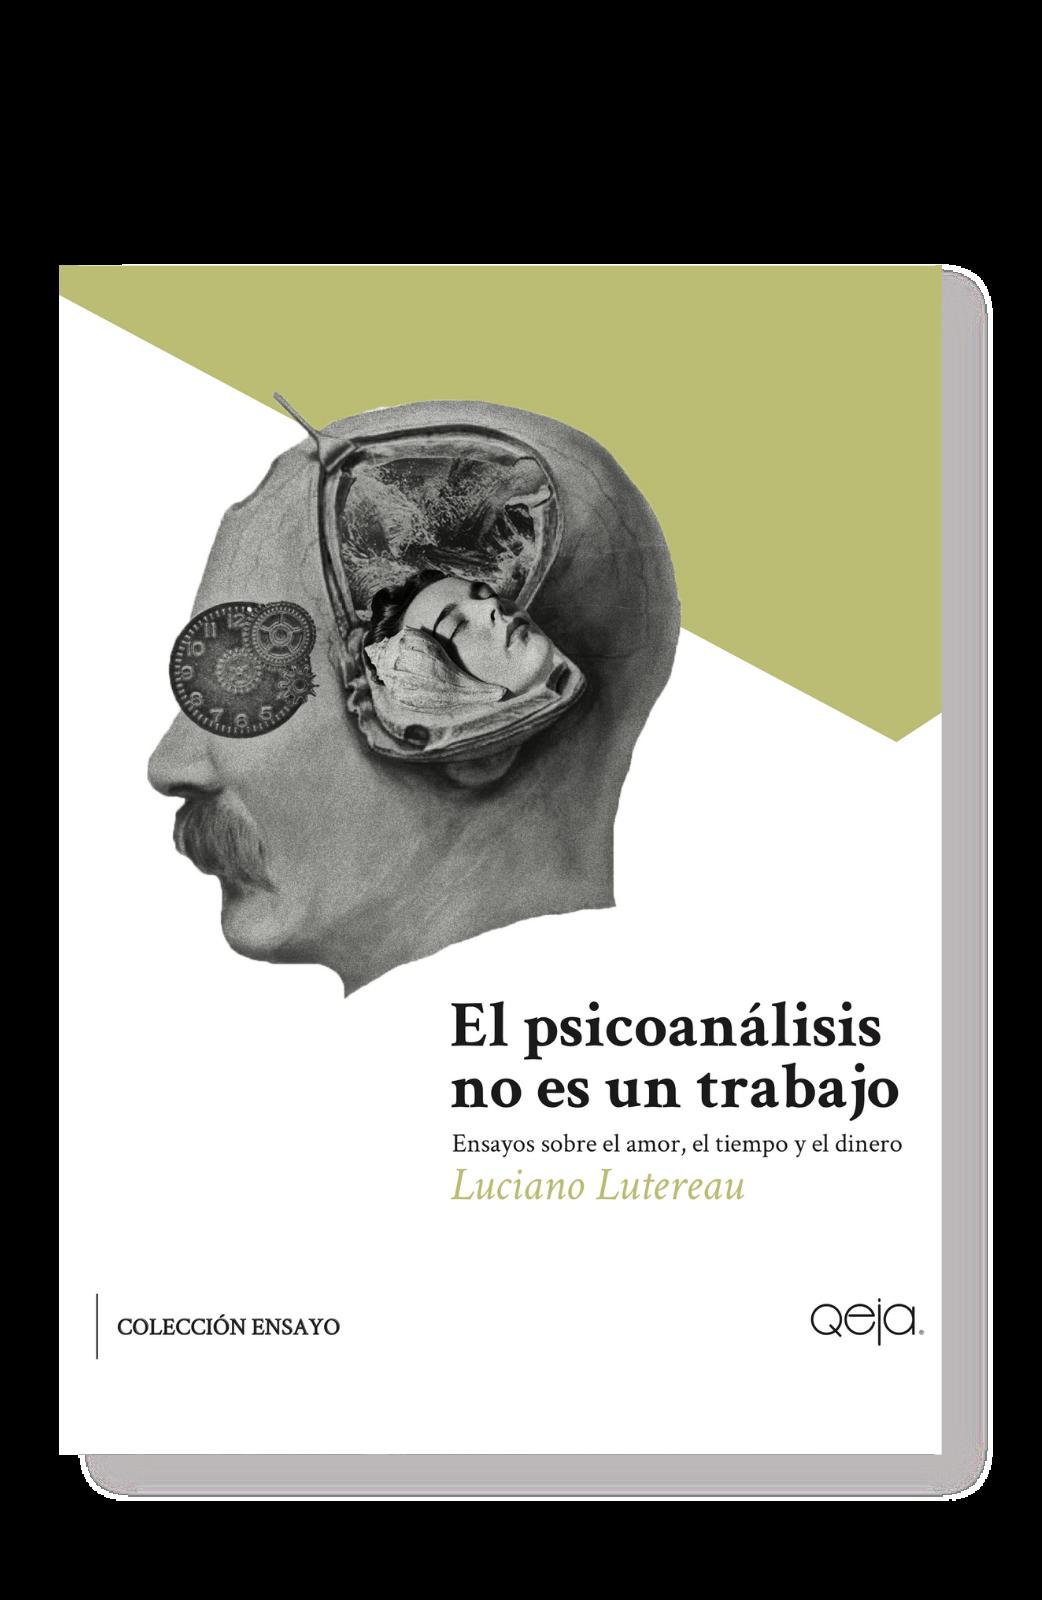 luciano lutereau - el psicoanalisis no es un trabajo - qeja ediciones.png